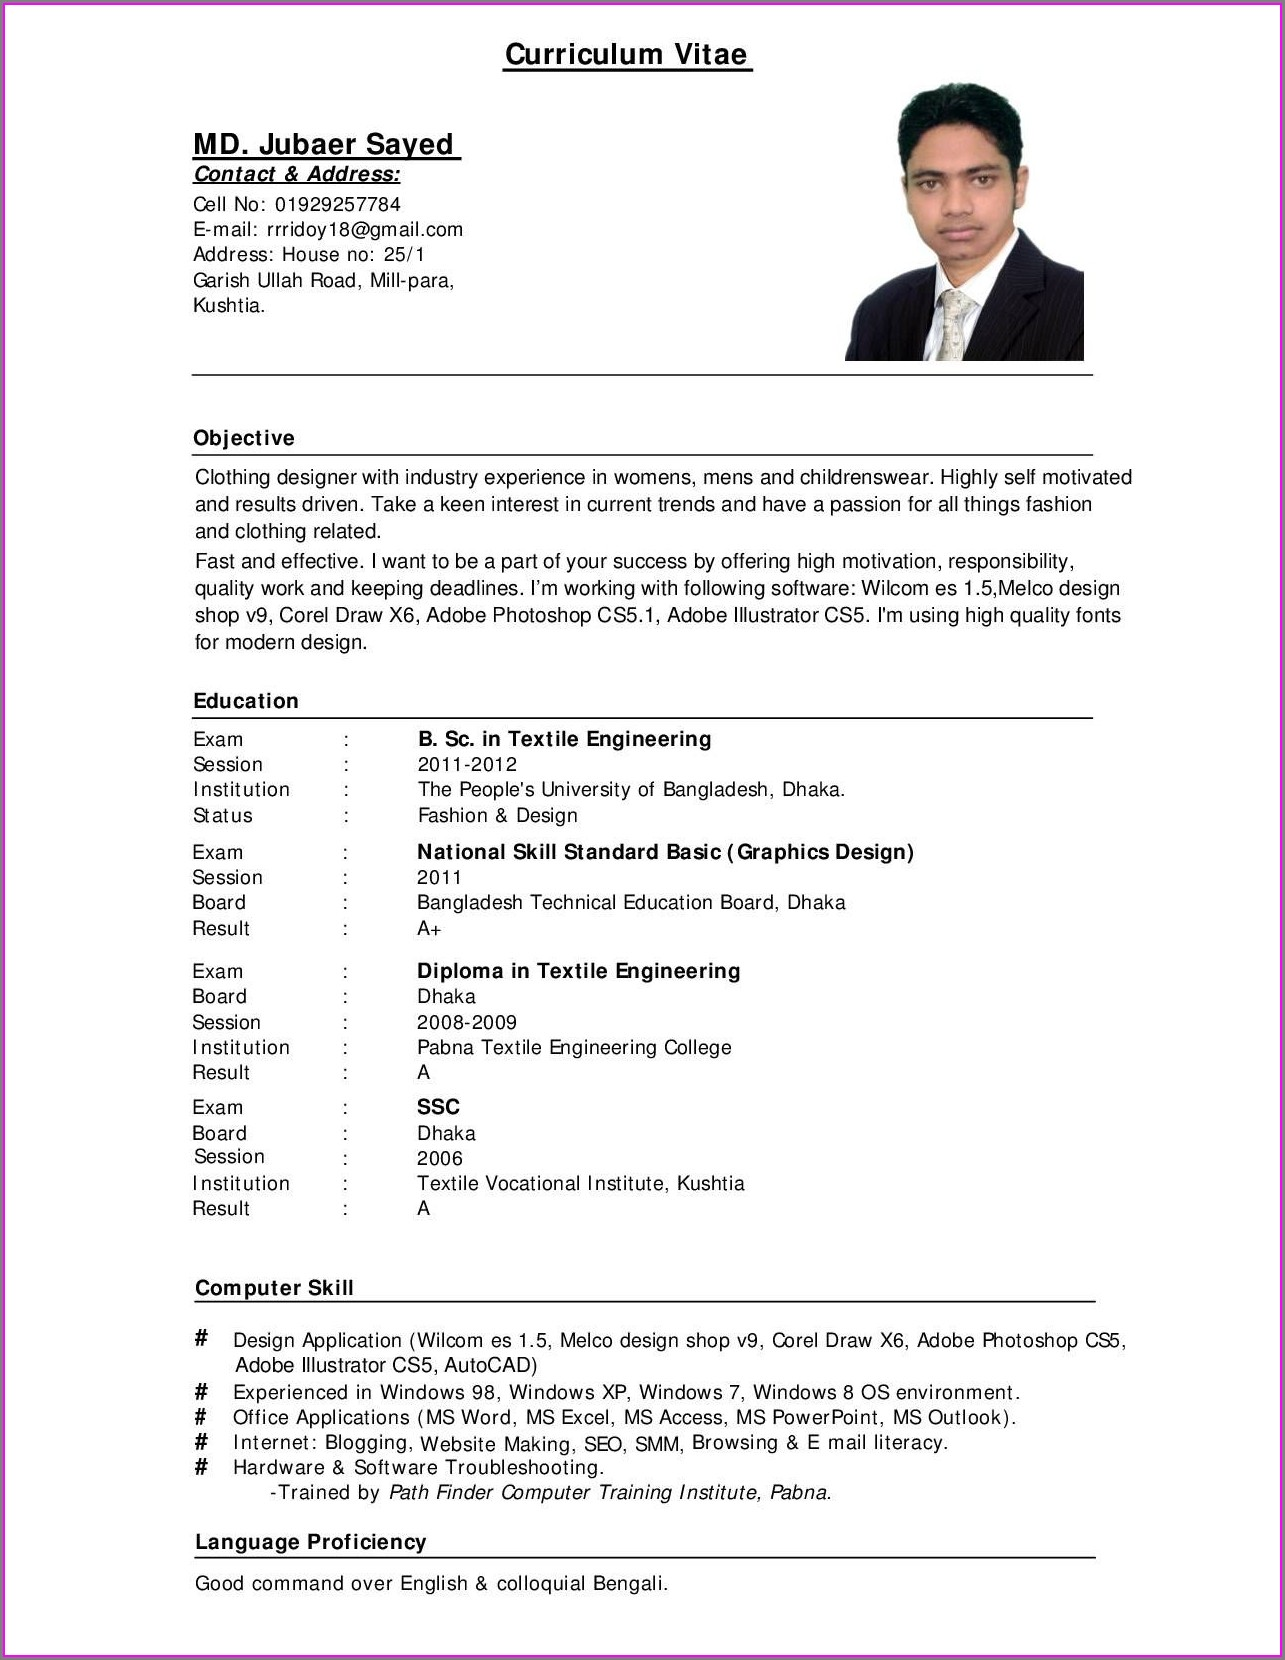 Curriculum Vitae Example Free Download